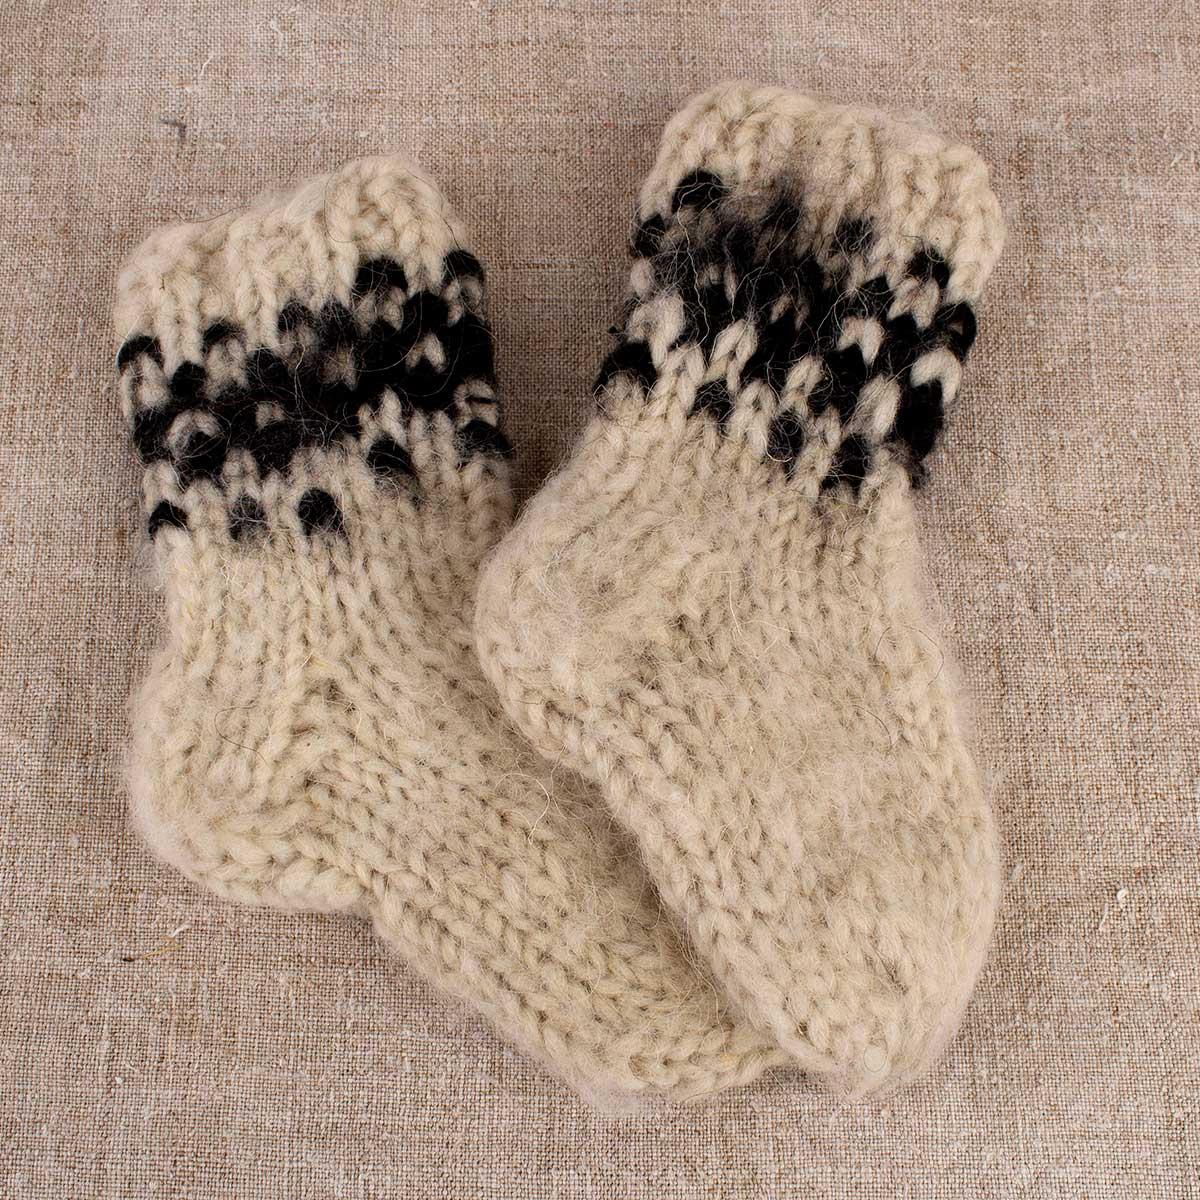 Sheep wool socks for children